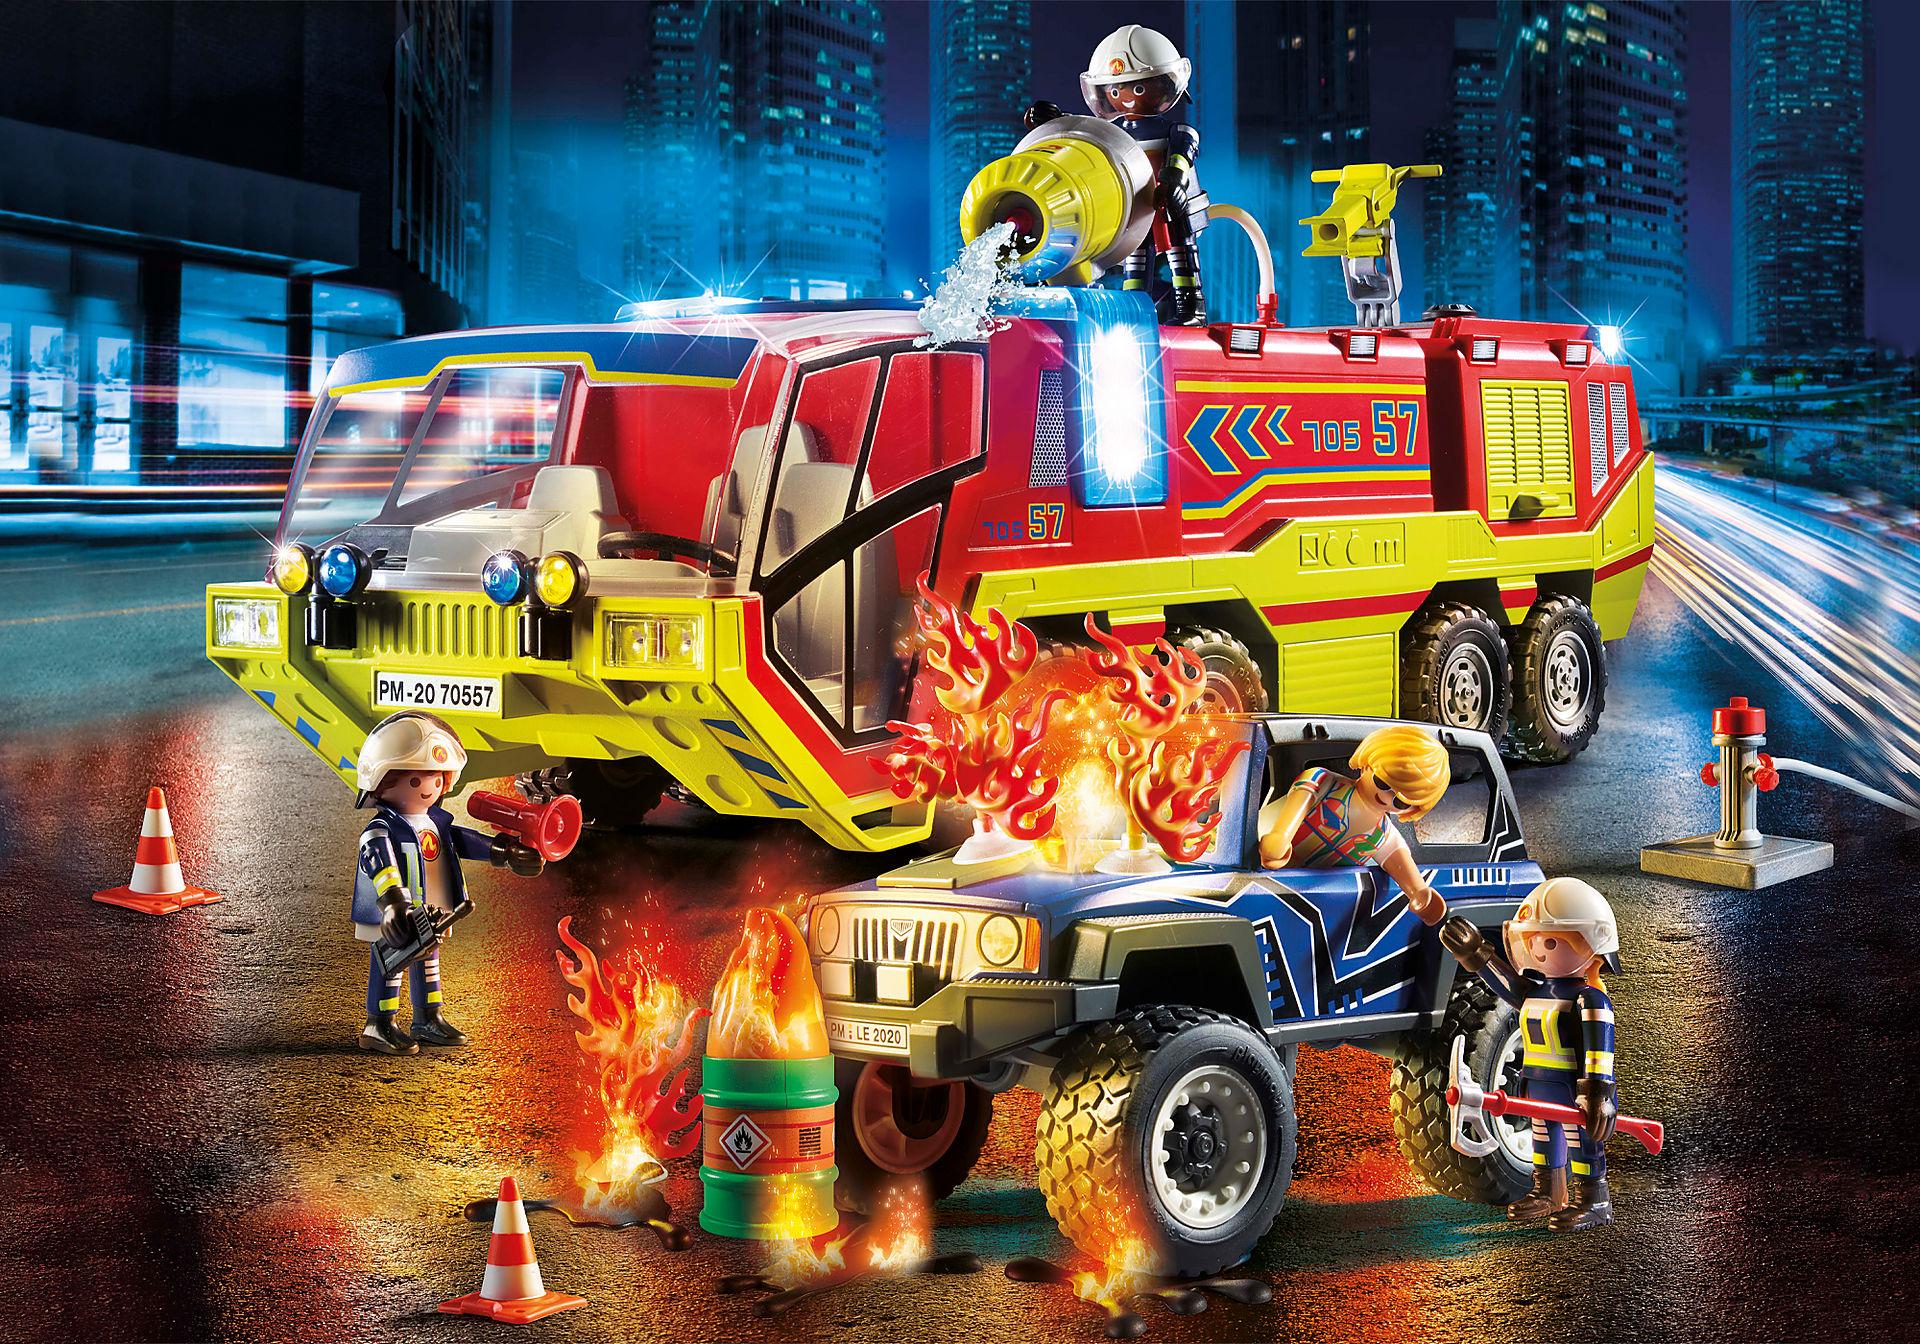 70557 Operação de Resgate com Camião dos Bombeiros zoom image1